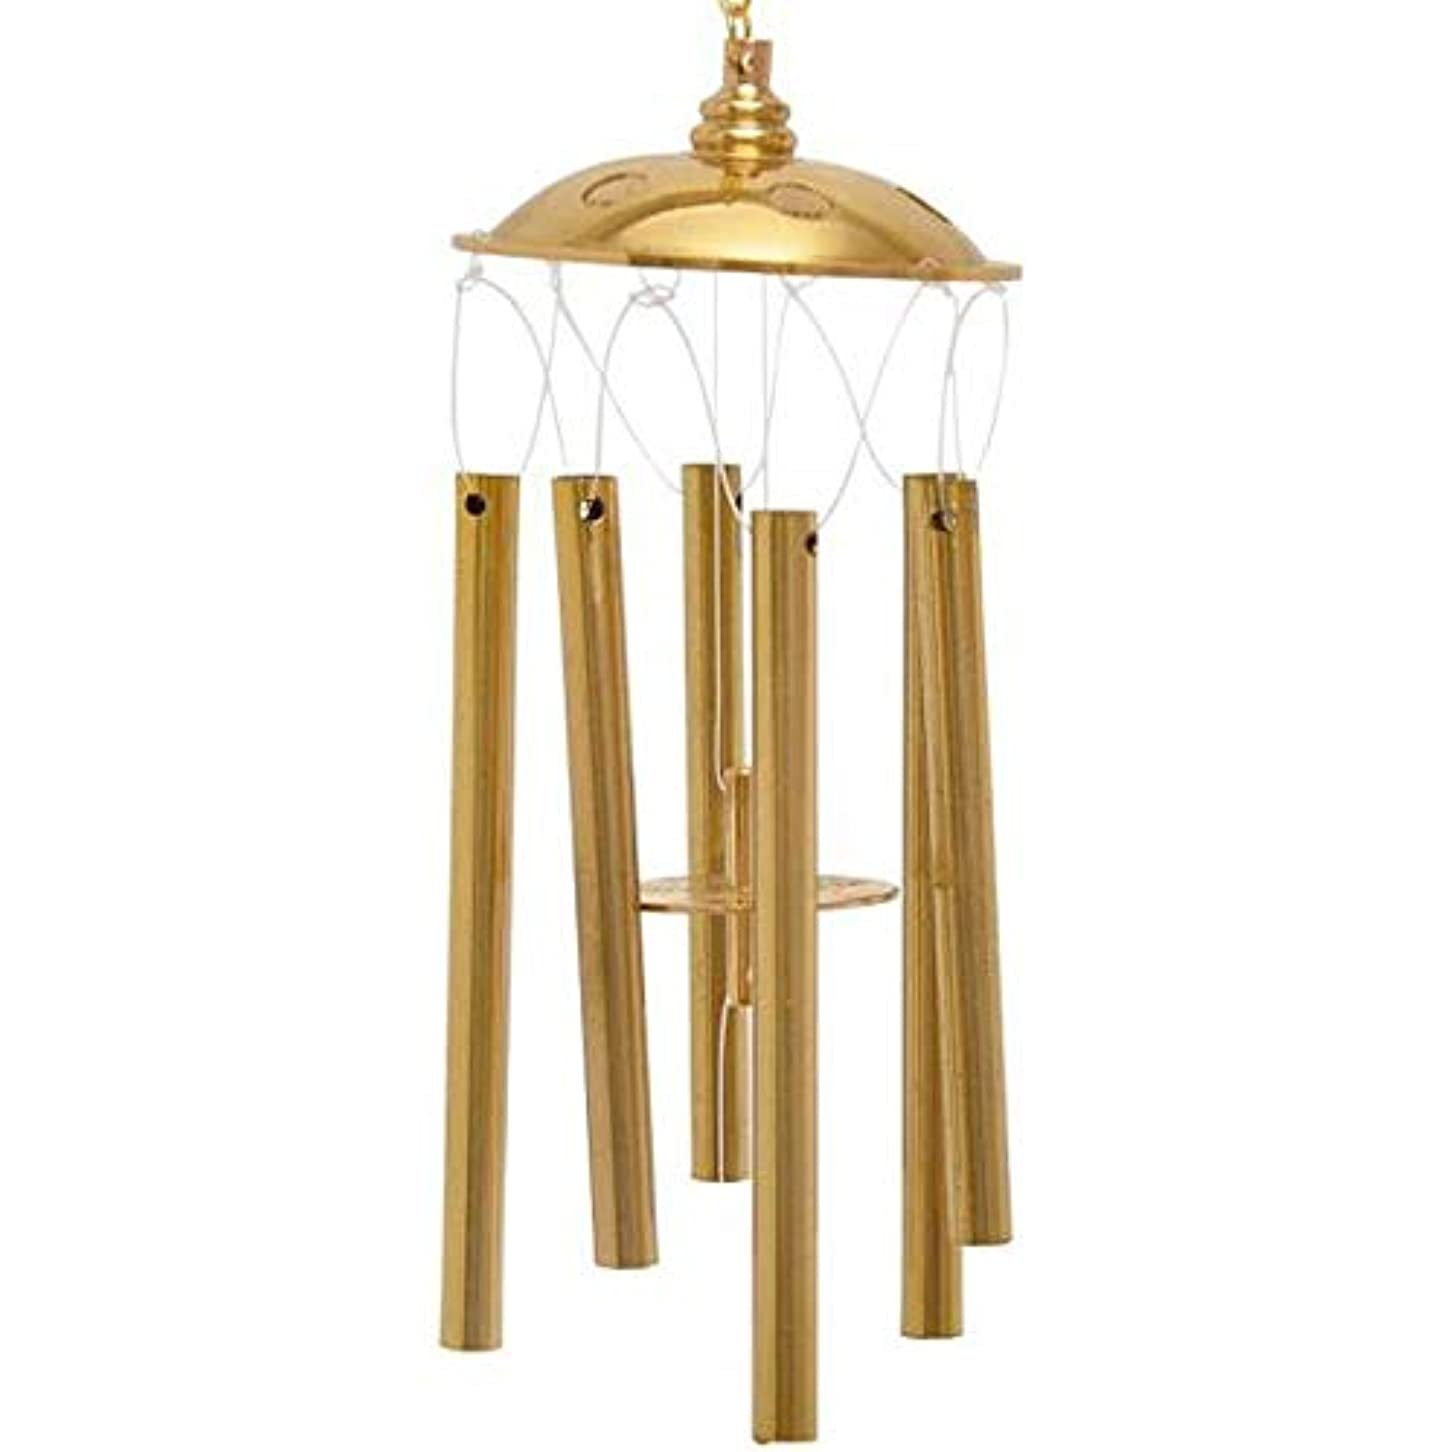 ドナウ川高架理想的にはGaoxingbianlidian001 風チャイム、真鍮ホームデコレーション6チューブ風の鐘、ゴールド、全長約22CM,楽しいホリデーギフト (Size : 36cm)